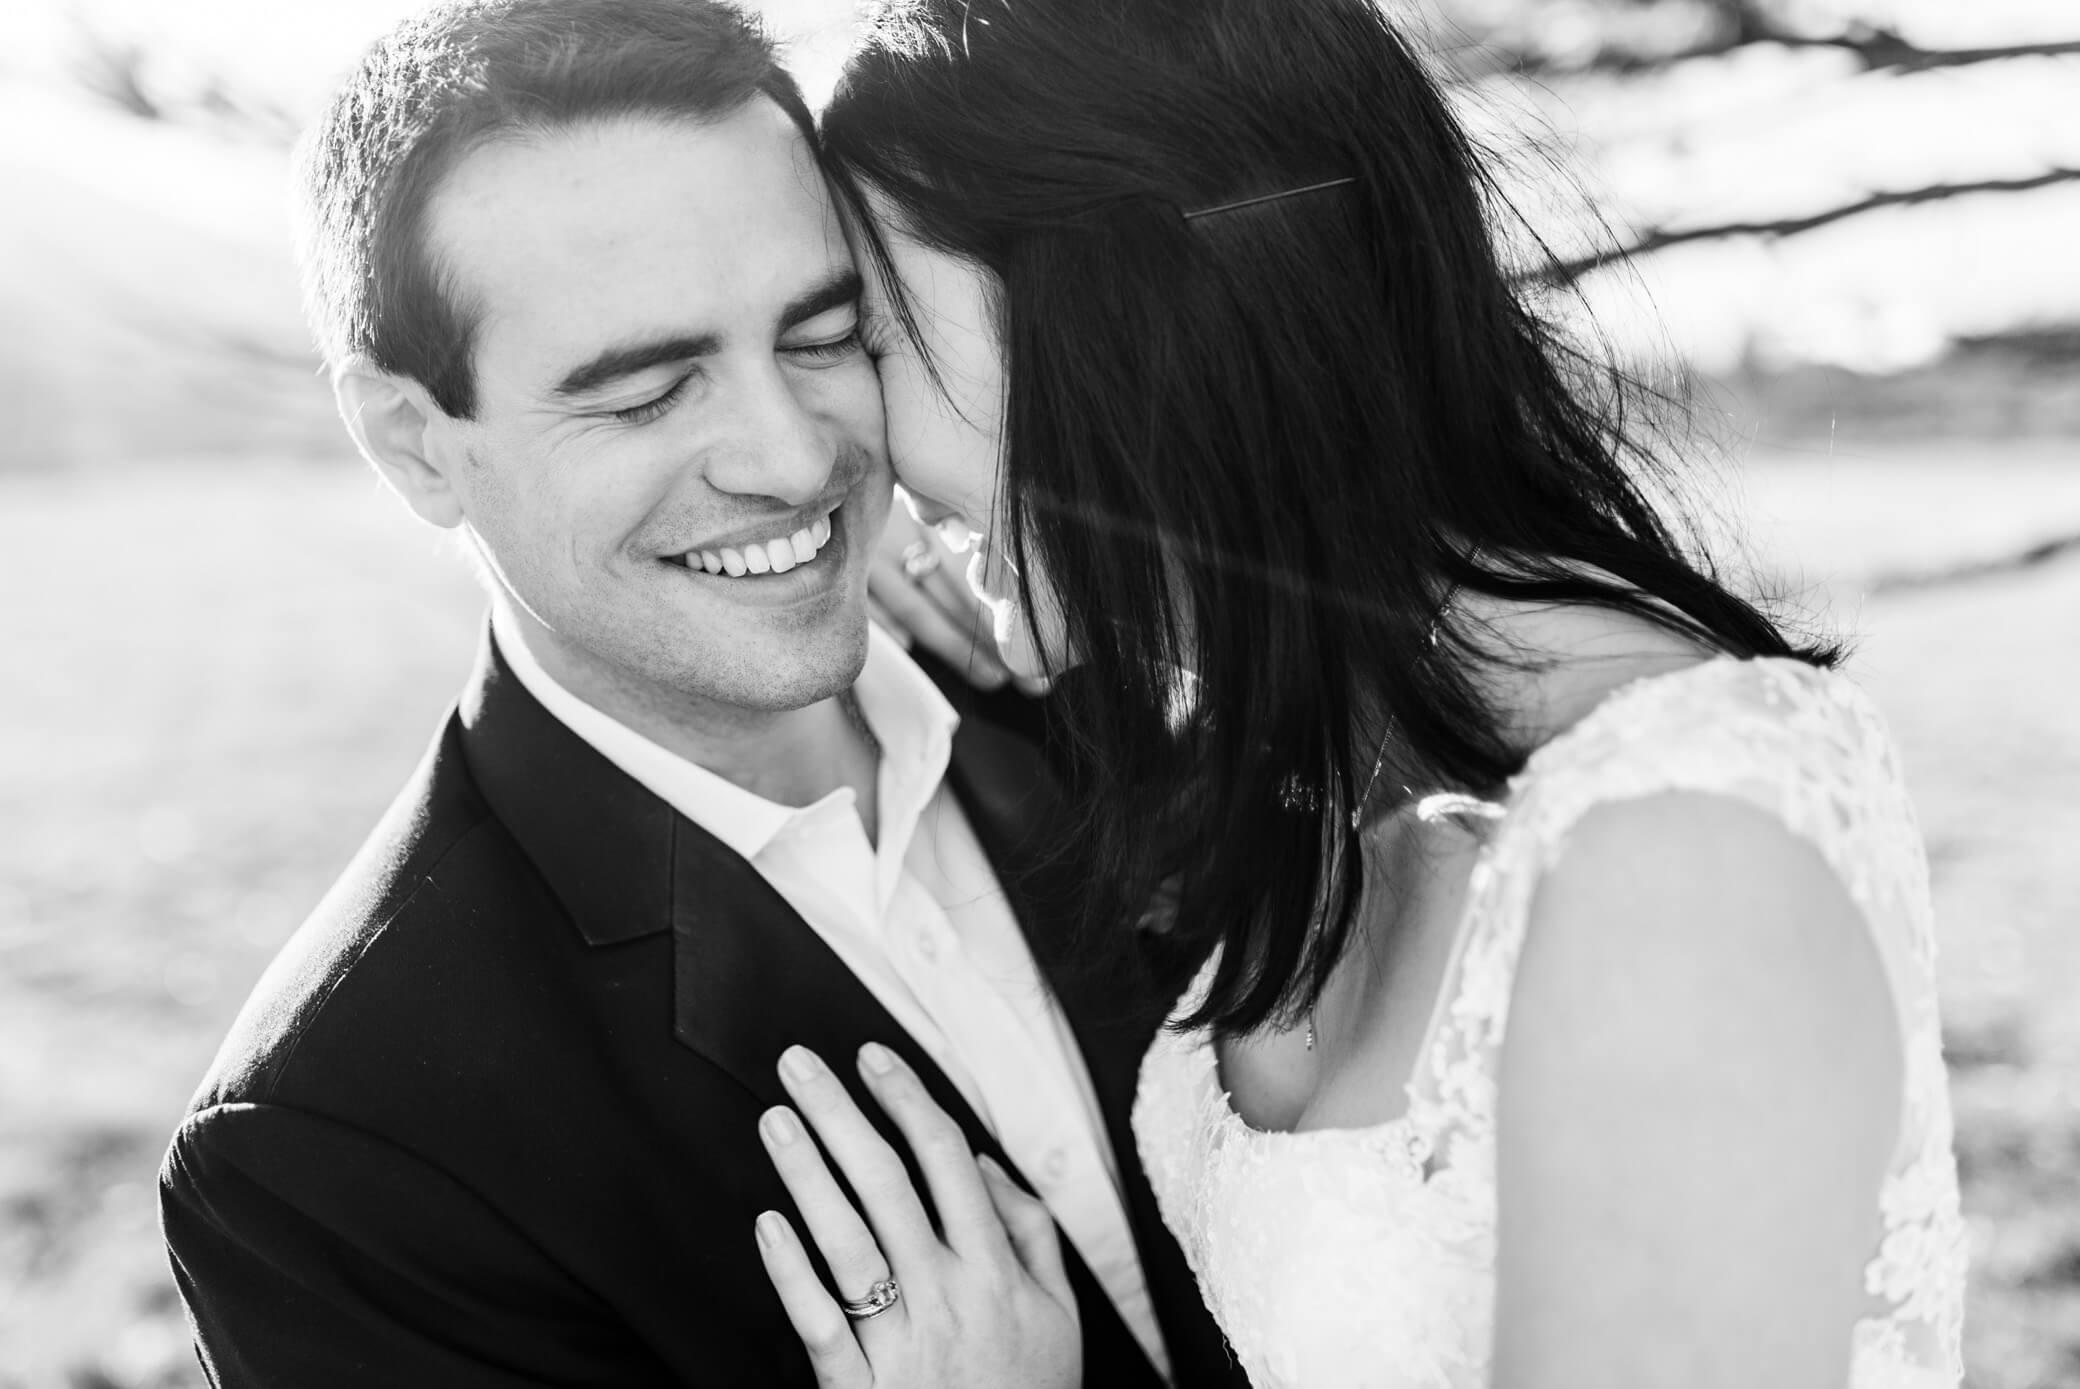 comment-reussir-vos-photos-de-couple-mariage-engagement-emotion-naturelle